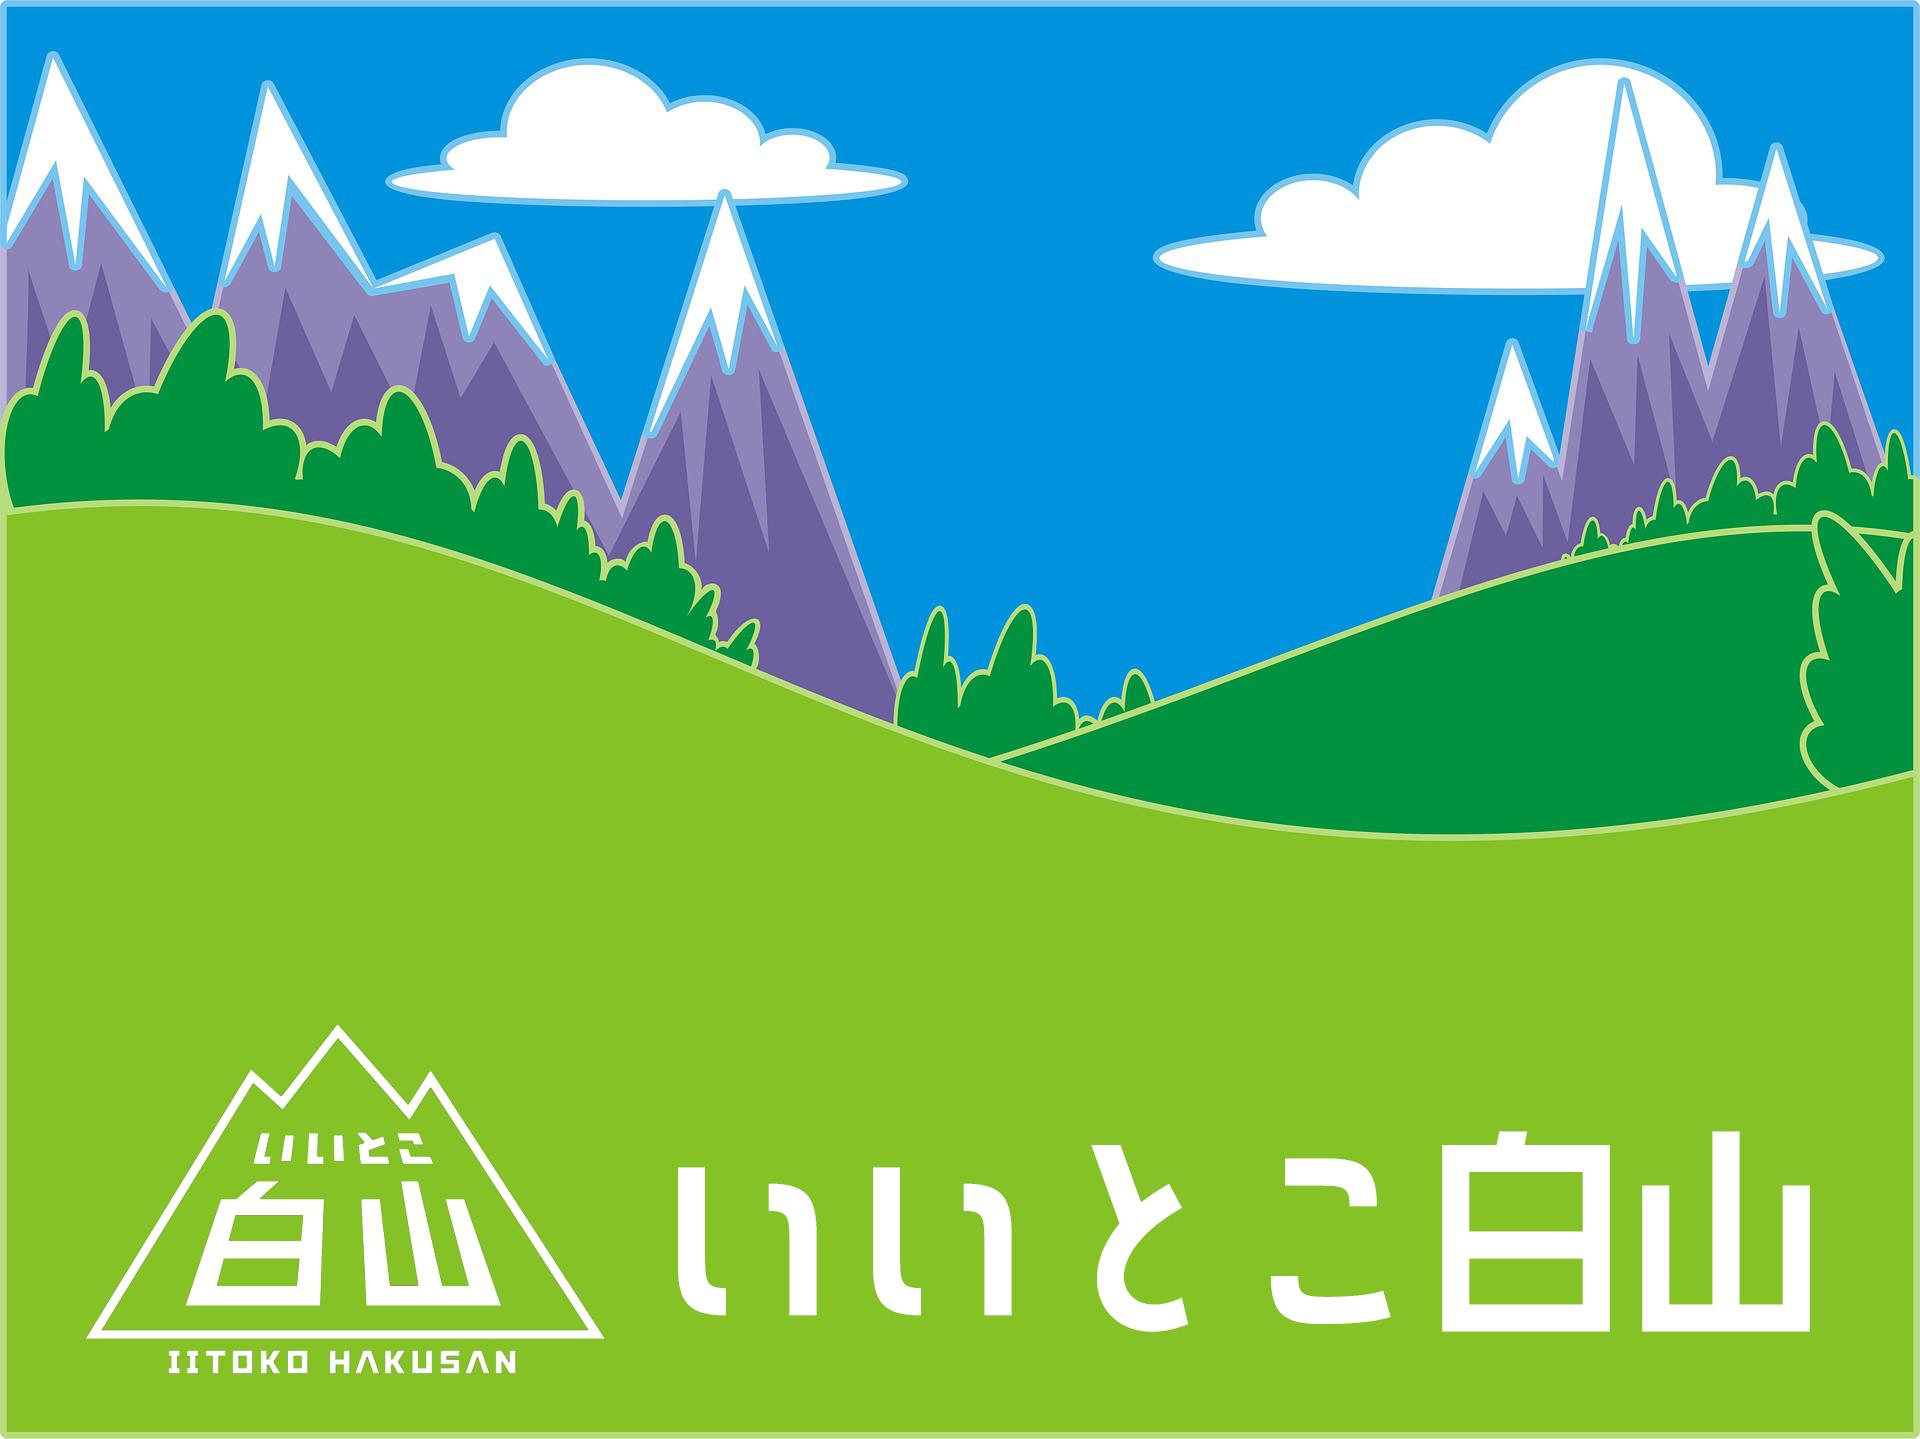 田舎移住なら住みやすさNO1の『いいとこ白山』がおすすめ。石川県白山市の魅力とは。